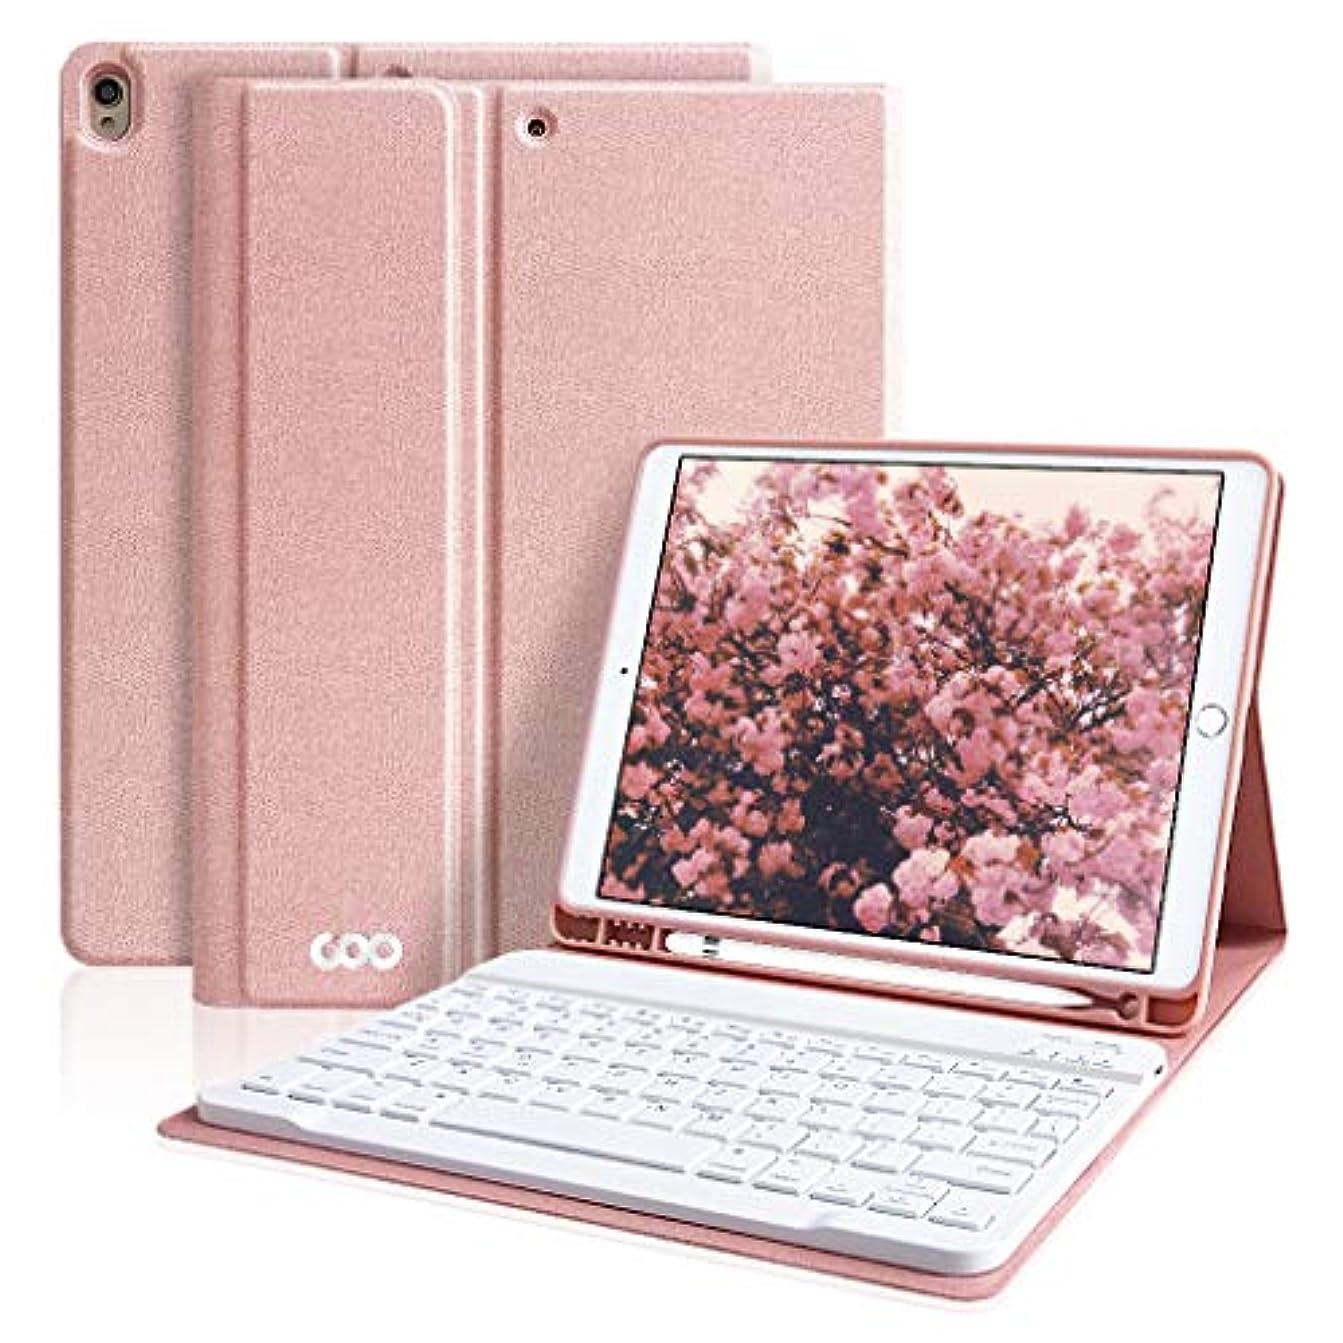 だらしない局粘性のiPad Pro10.5 キーボード ケース iPad Air3 2019 キーボード付きカバー ワイヤレス Bluetooth 着脱式 スマートキーボード ペン収納 オートスリープ?スタンド機能 多角度調整 iPad 10.5インチ対応のキーボードケース (ローズ?ゴールド)